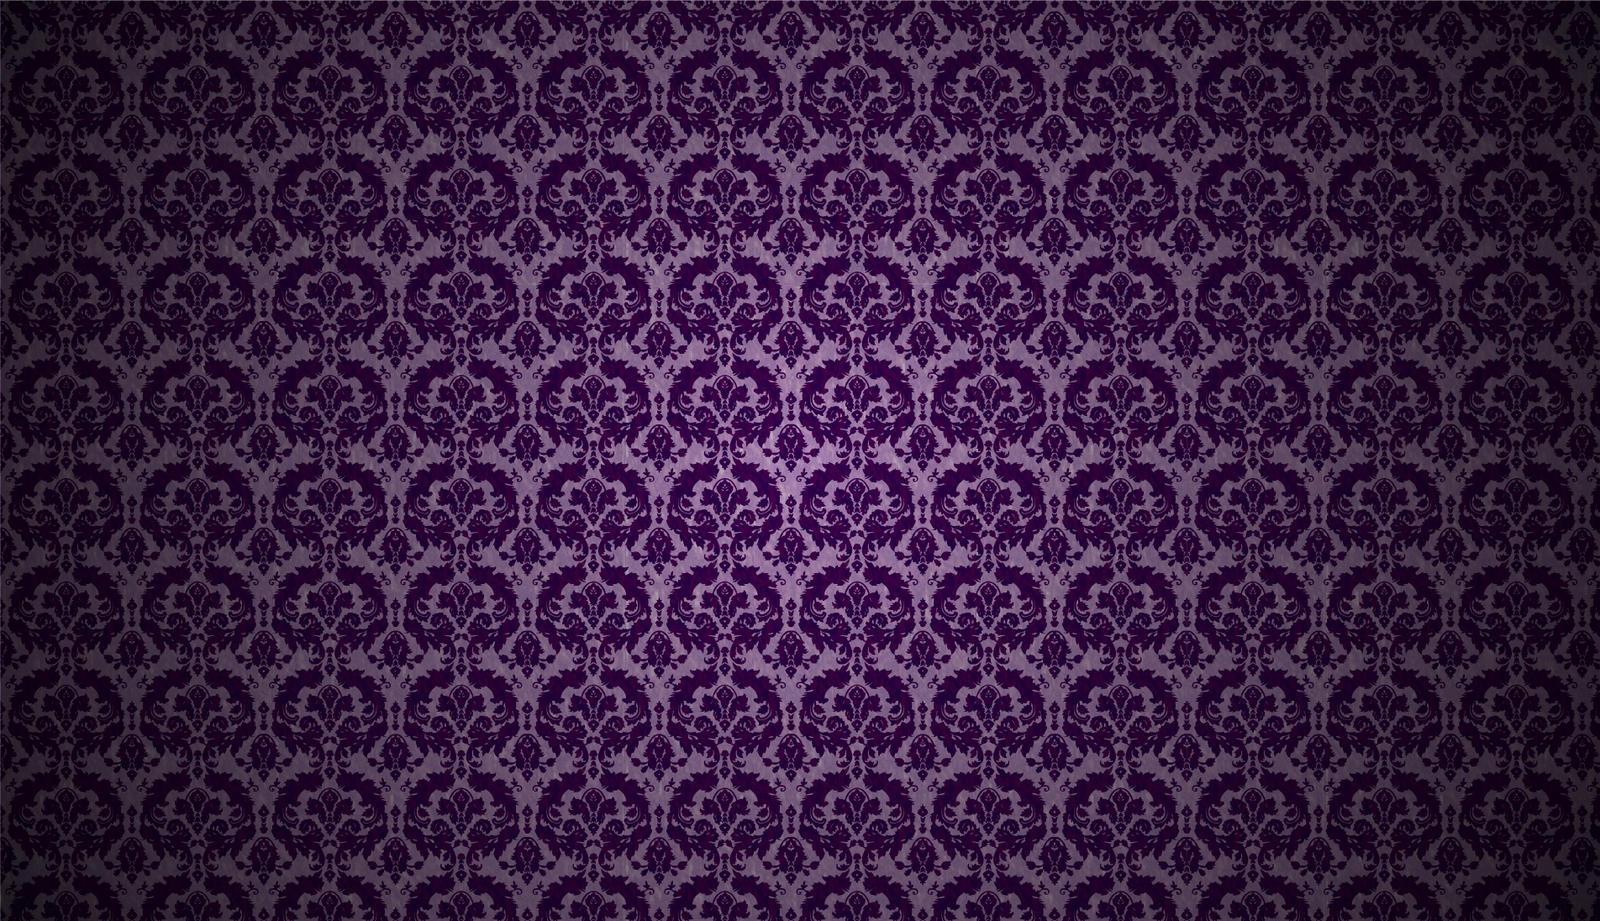 purple damask wallpaper - photo #9